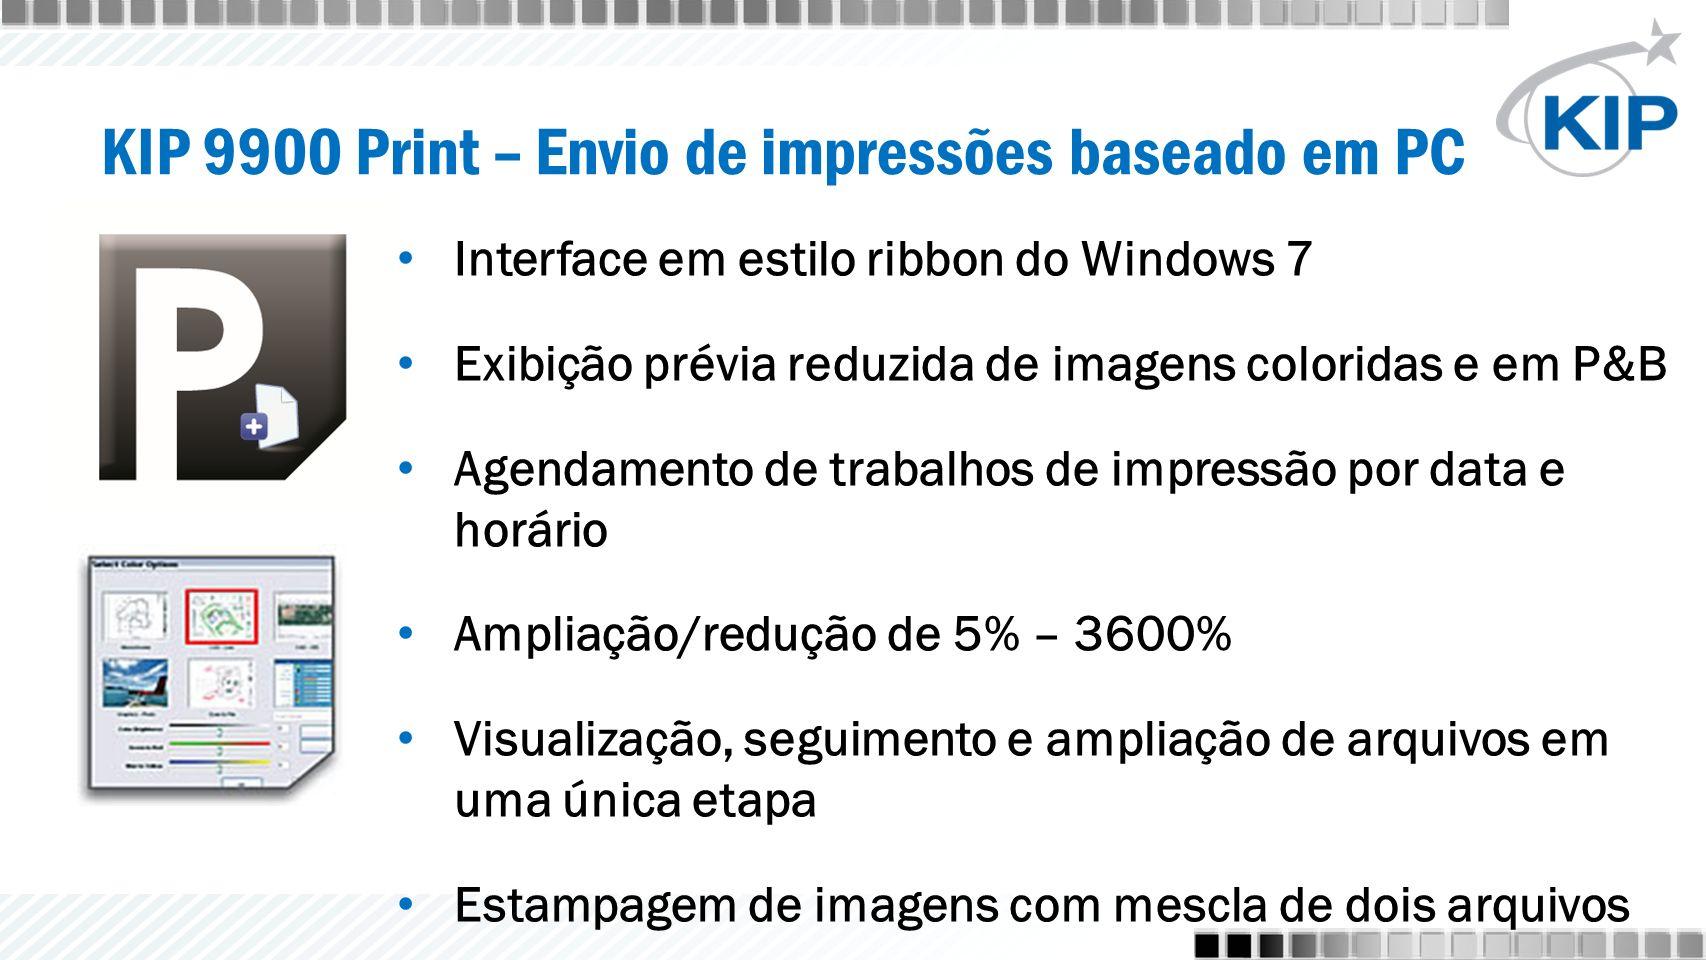 Interface em estilo ribbon do Windows 7 Exibição prévia reduzida de imagens coloridas e em P&B Agendamento de trabalhos de impressão por data e horário Ampliação/redução de 5% – 3600% Visualização, seguimento e ampliação de arquivos em uma única etapa Estampagem de imagens com mescla de dois arquivos